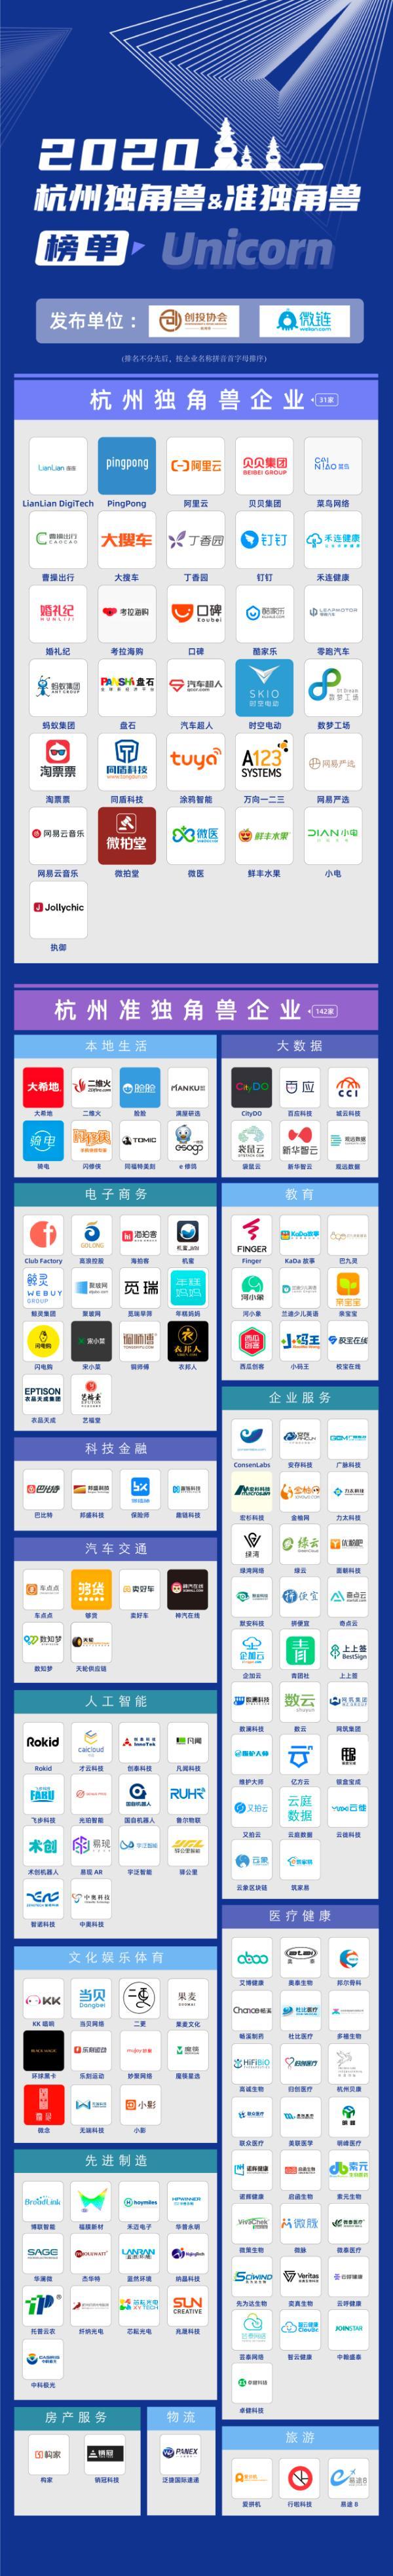 年糕妈妈入选2020杭州准独角兽企业榜单